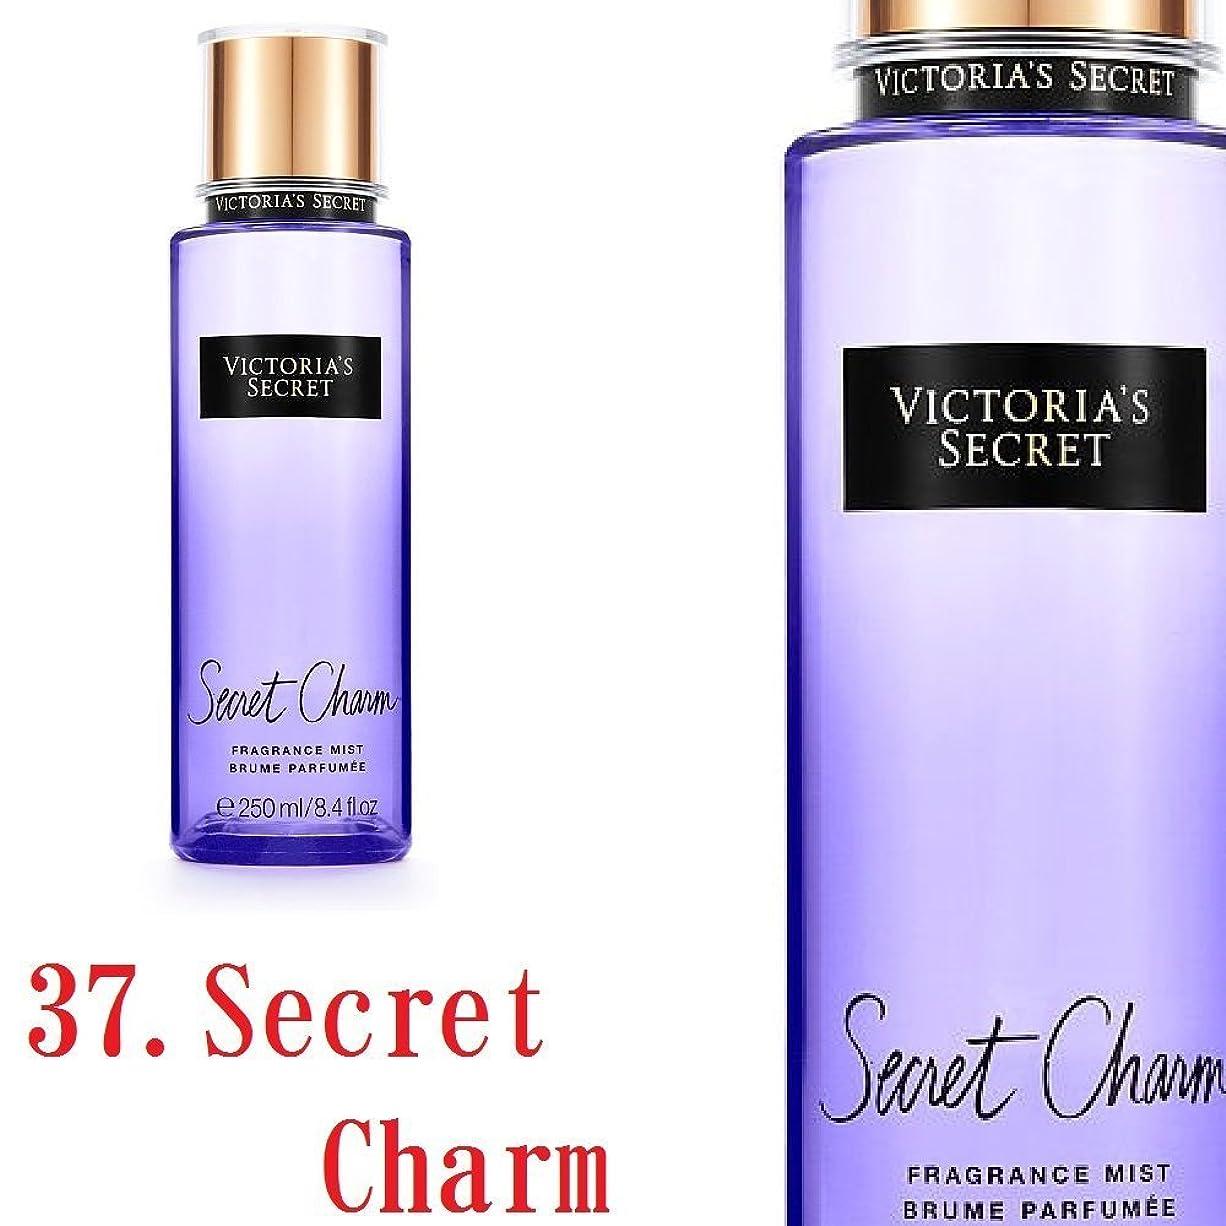 配管ランドマーク発明Victoria's Secret Fantasies フレグランスミスト ヴィクトリアシークレット (37.シークレットチャーム) [並行輸入品]